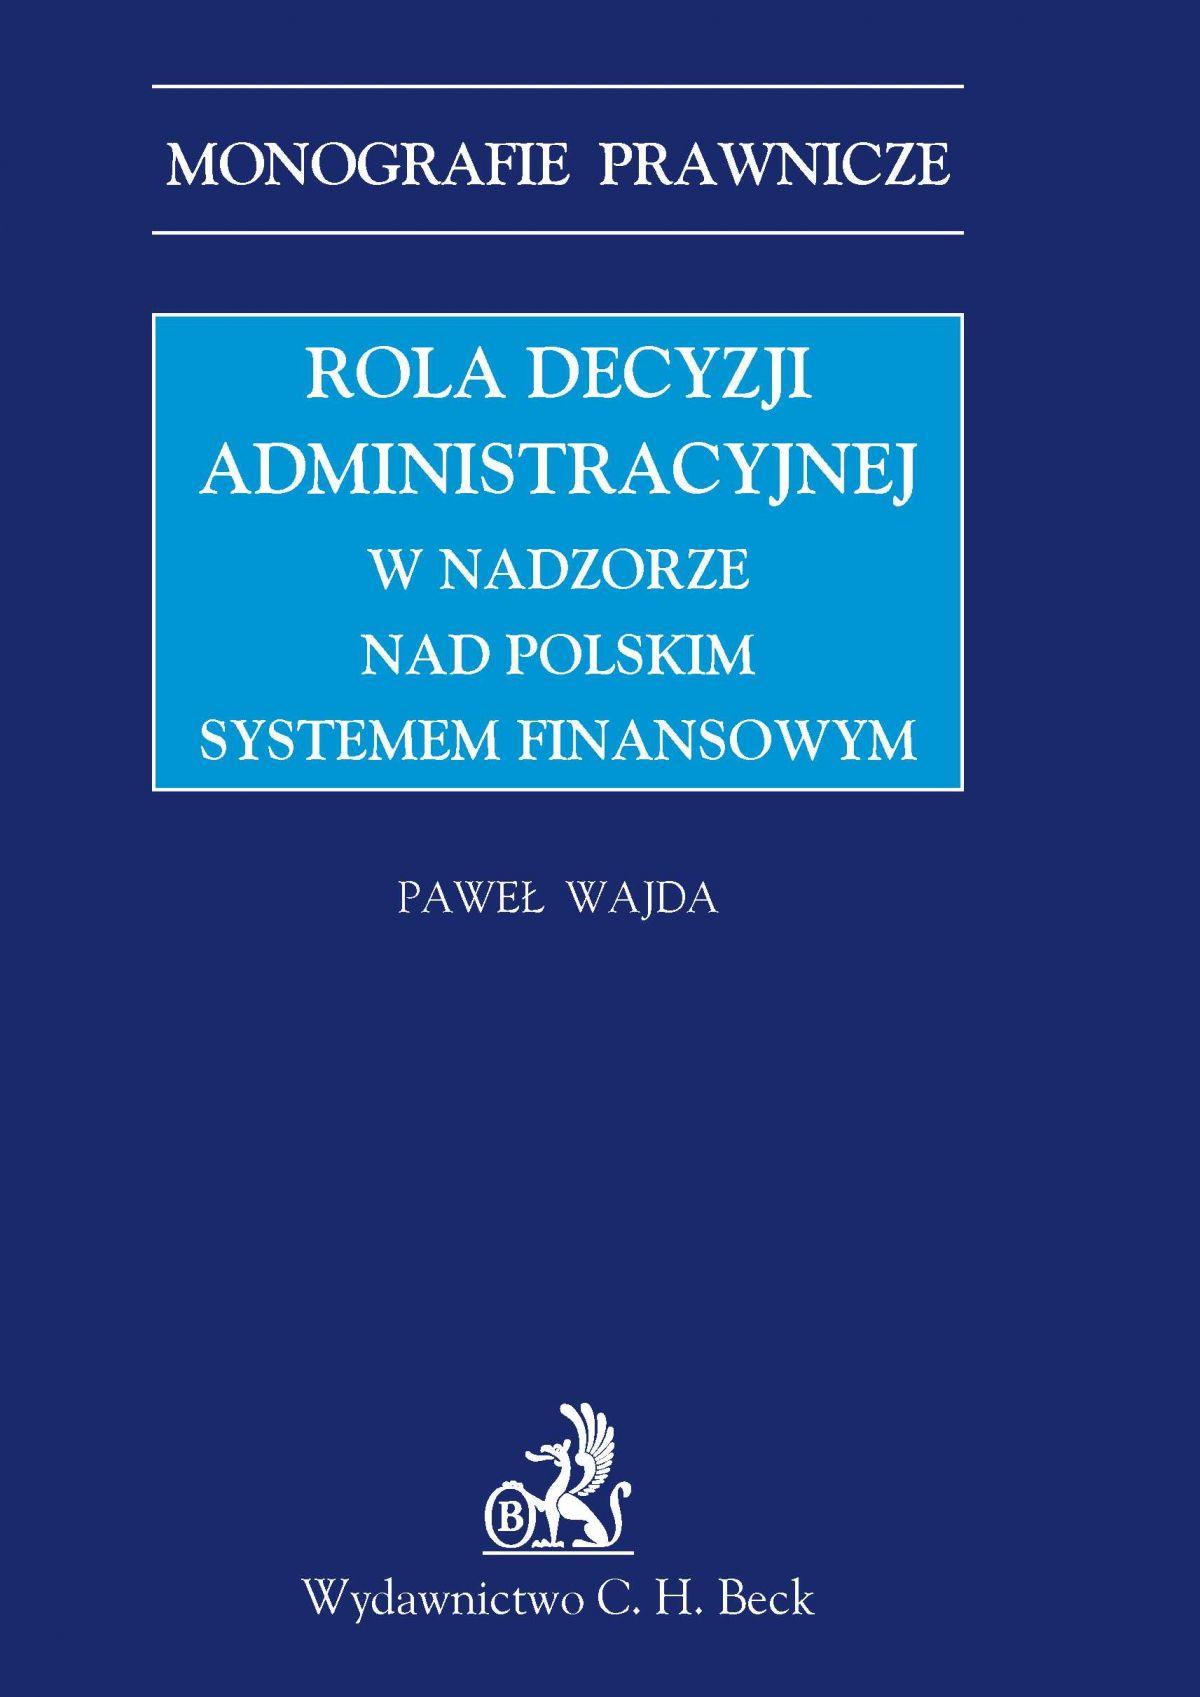 Rola decyzji administracyjnej w nadzorze nad polskim systemem finansowym - Ebook (Książka PDF) do pobrania w formacie PDF